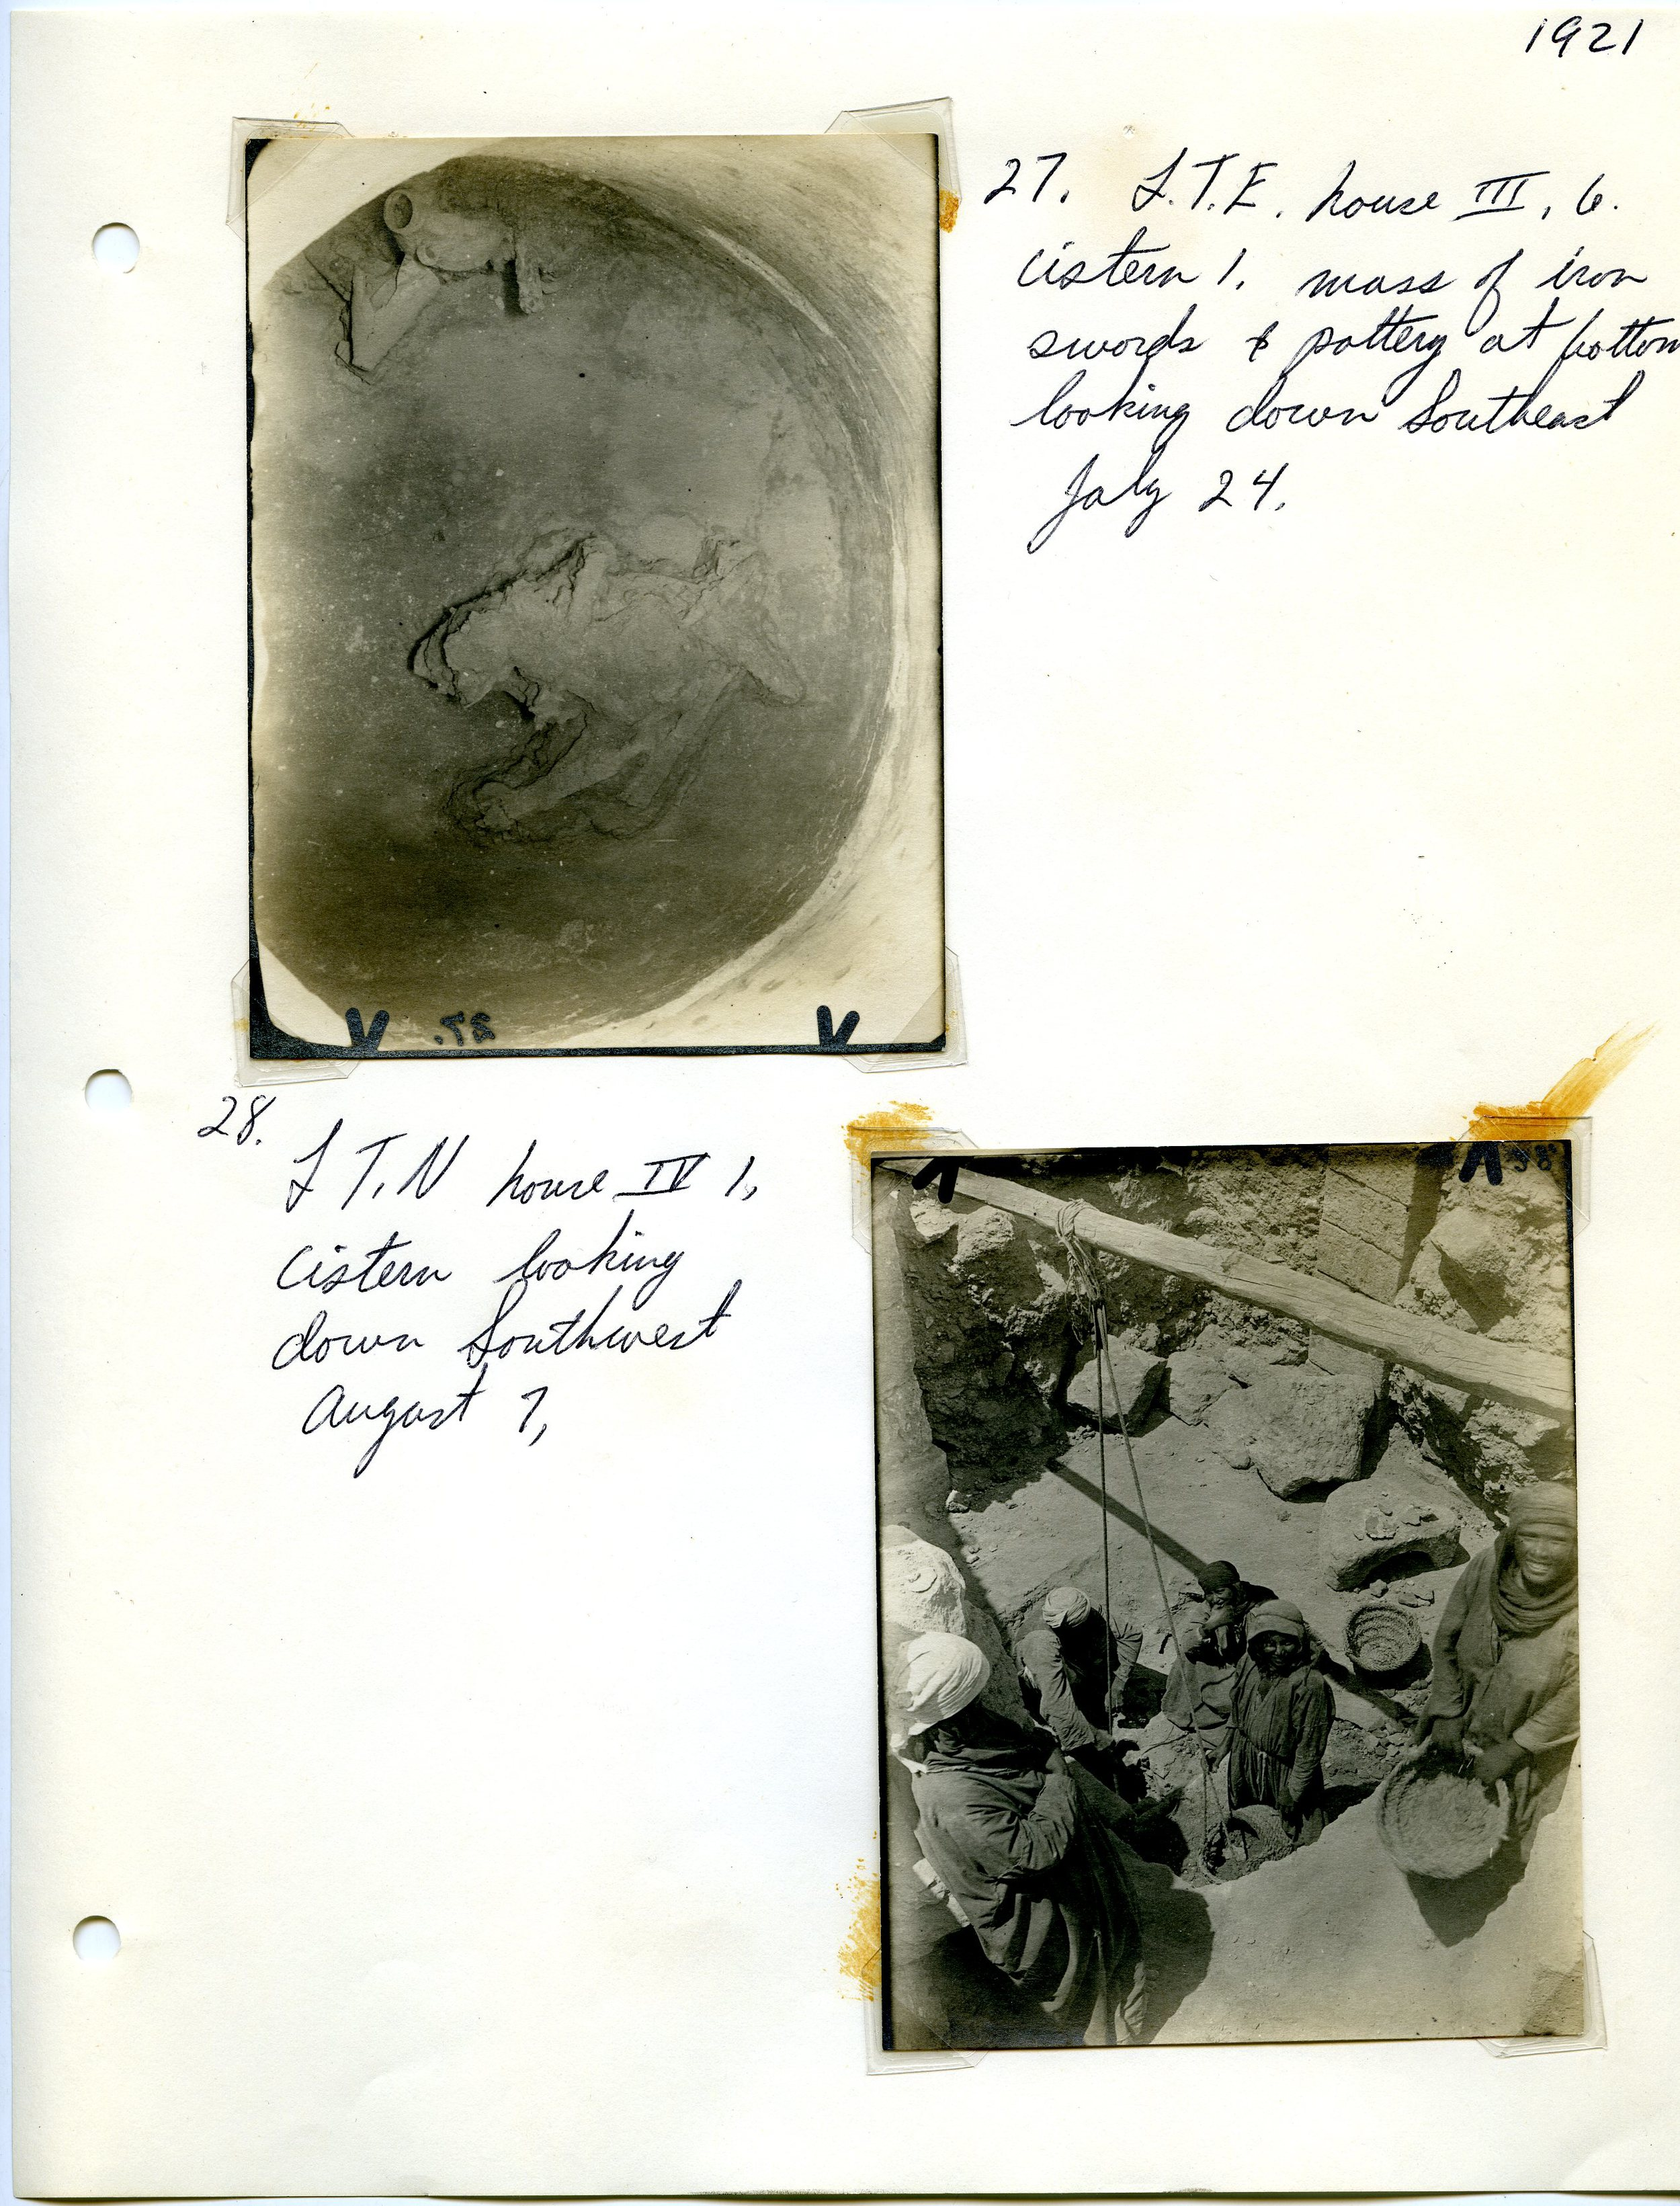 Photos of House III cistern and House IV.jpg